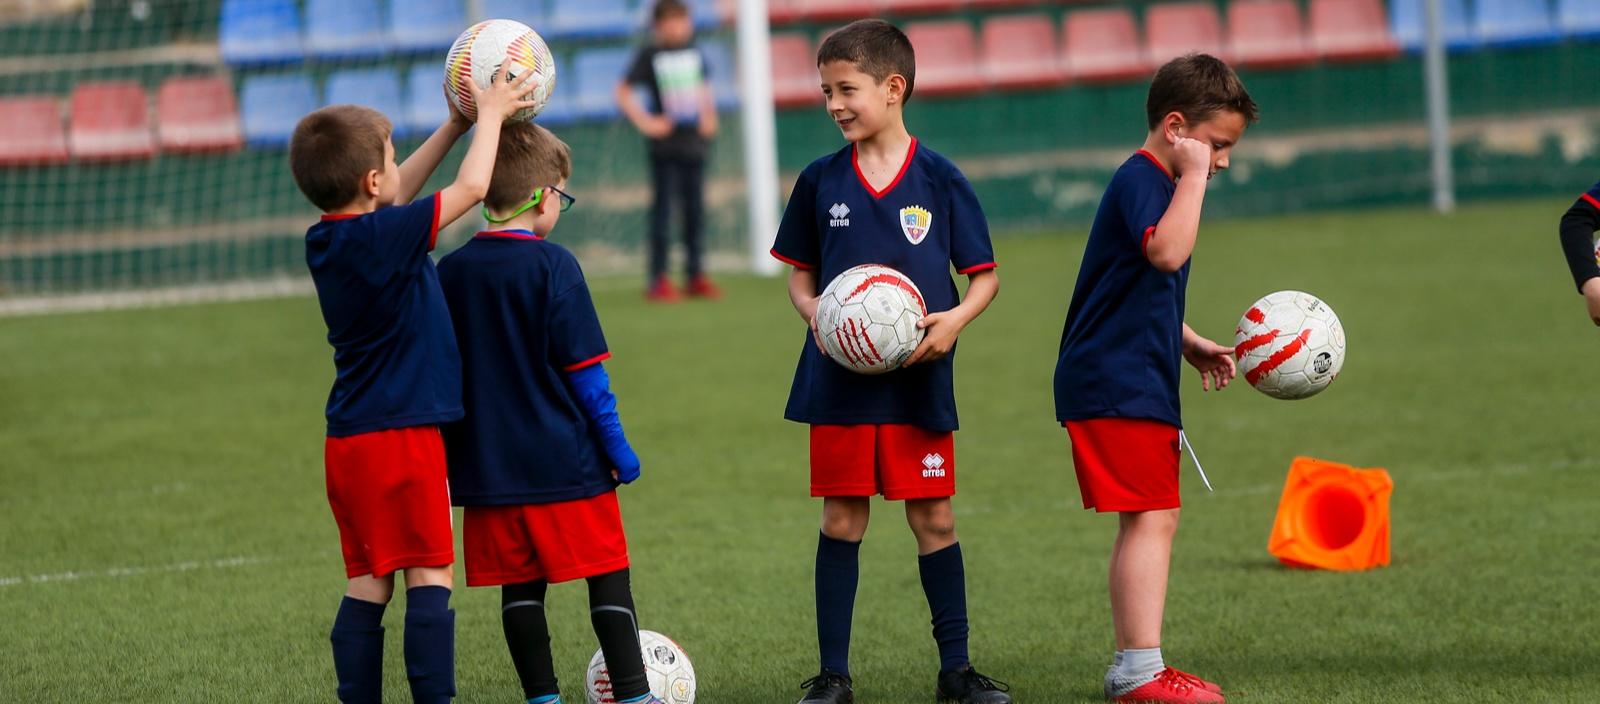 La rauxa i la passió pel futbol del CF Batea, a 'La Frontal'